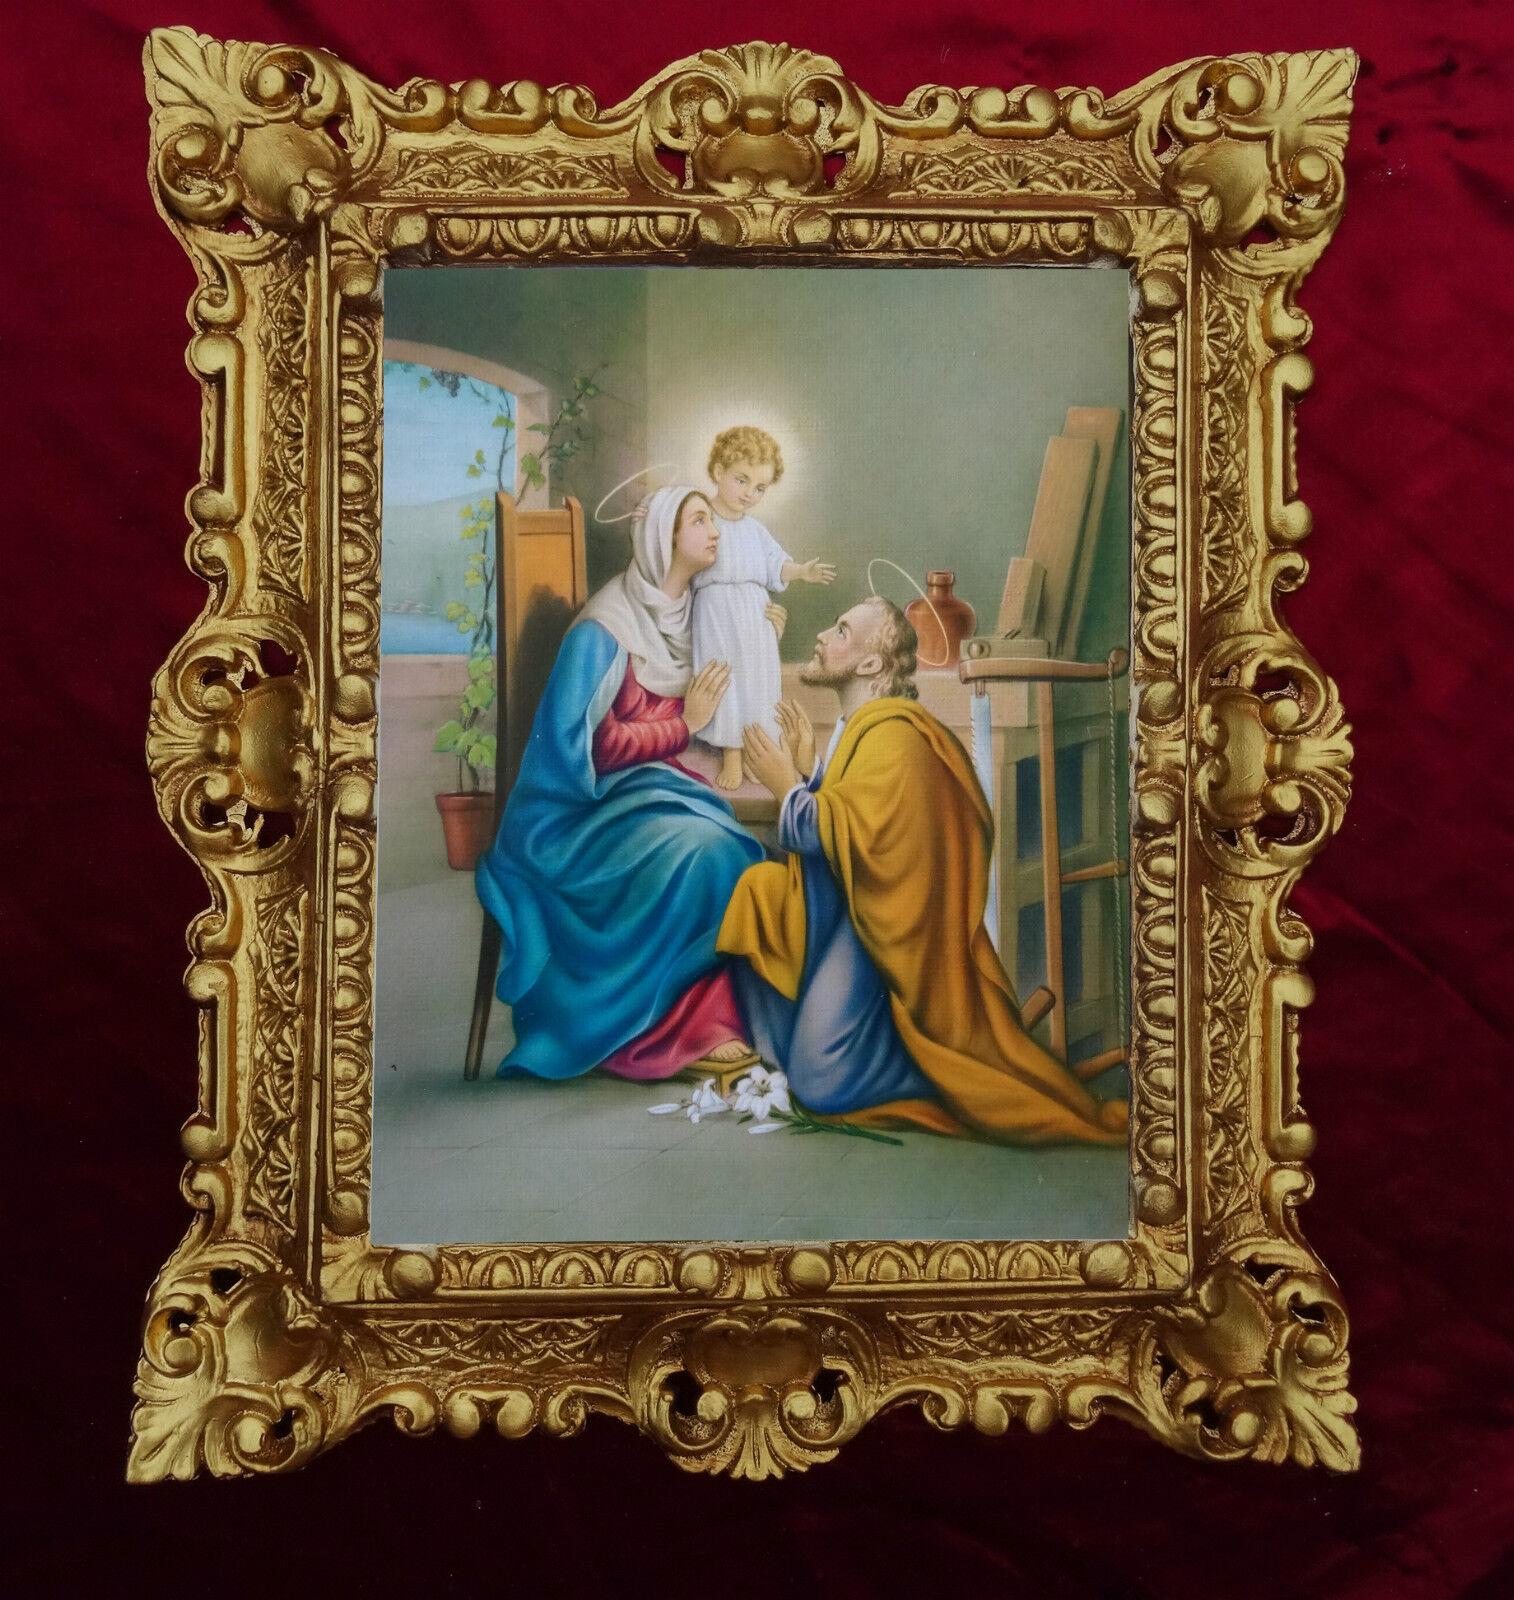 Dipinto sacra famiglia sacra famiglia icone quadri antico for Quadri sacra famiglia moderni prezzi